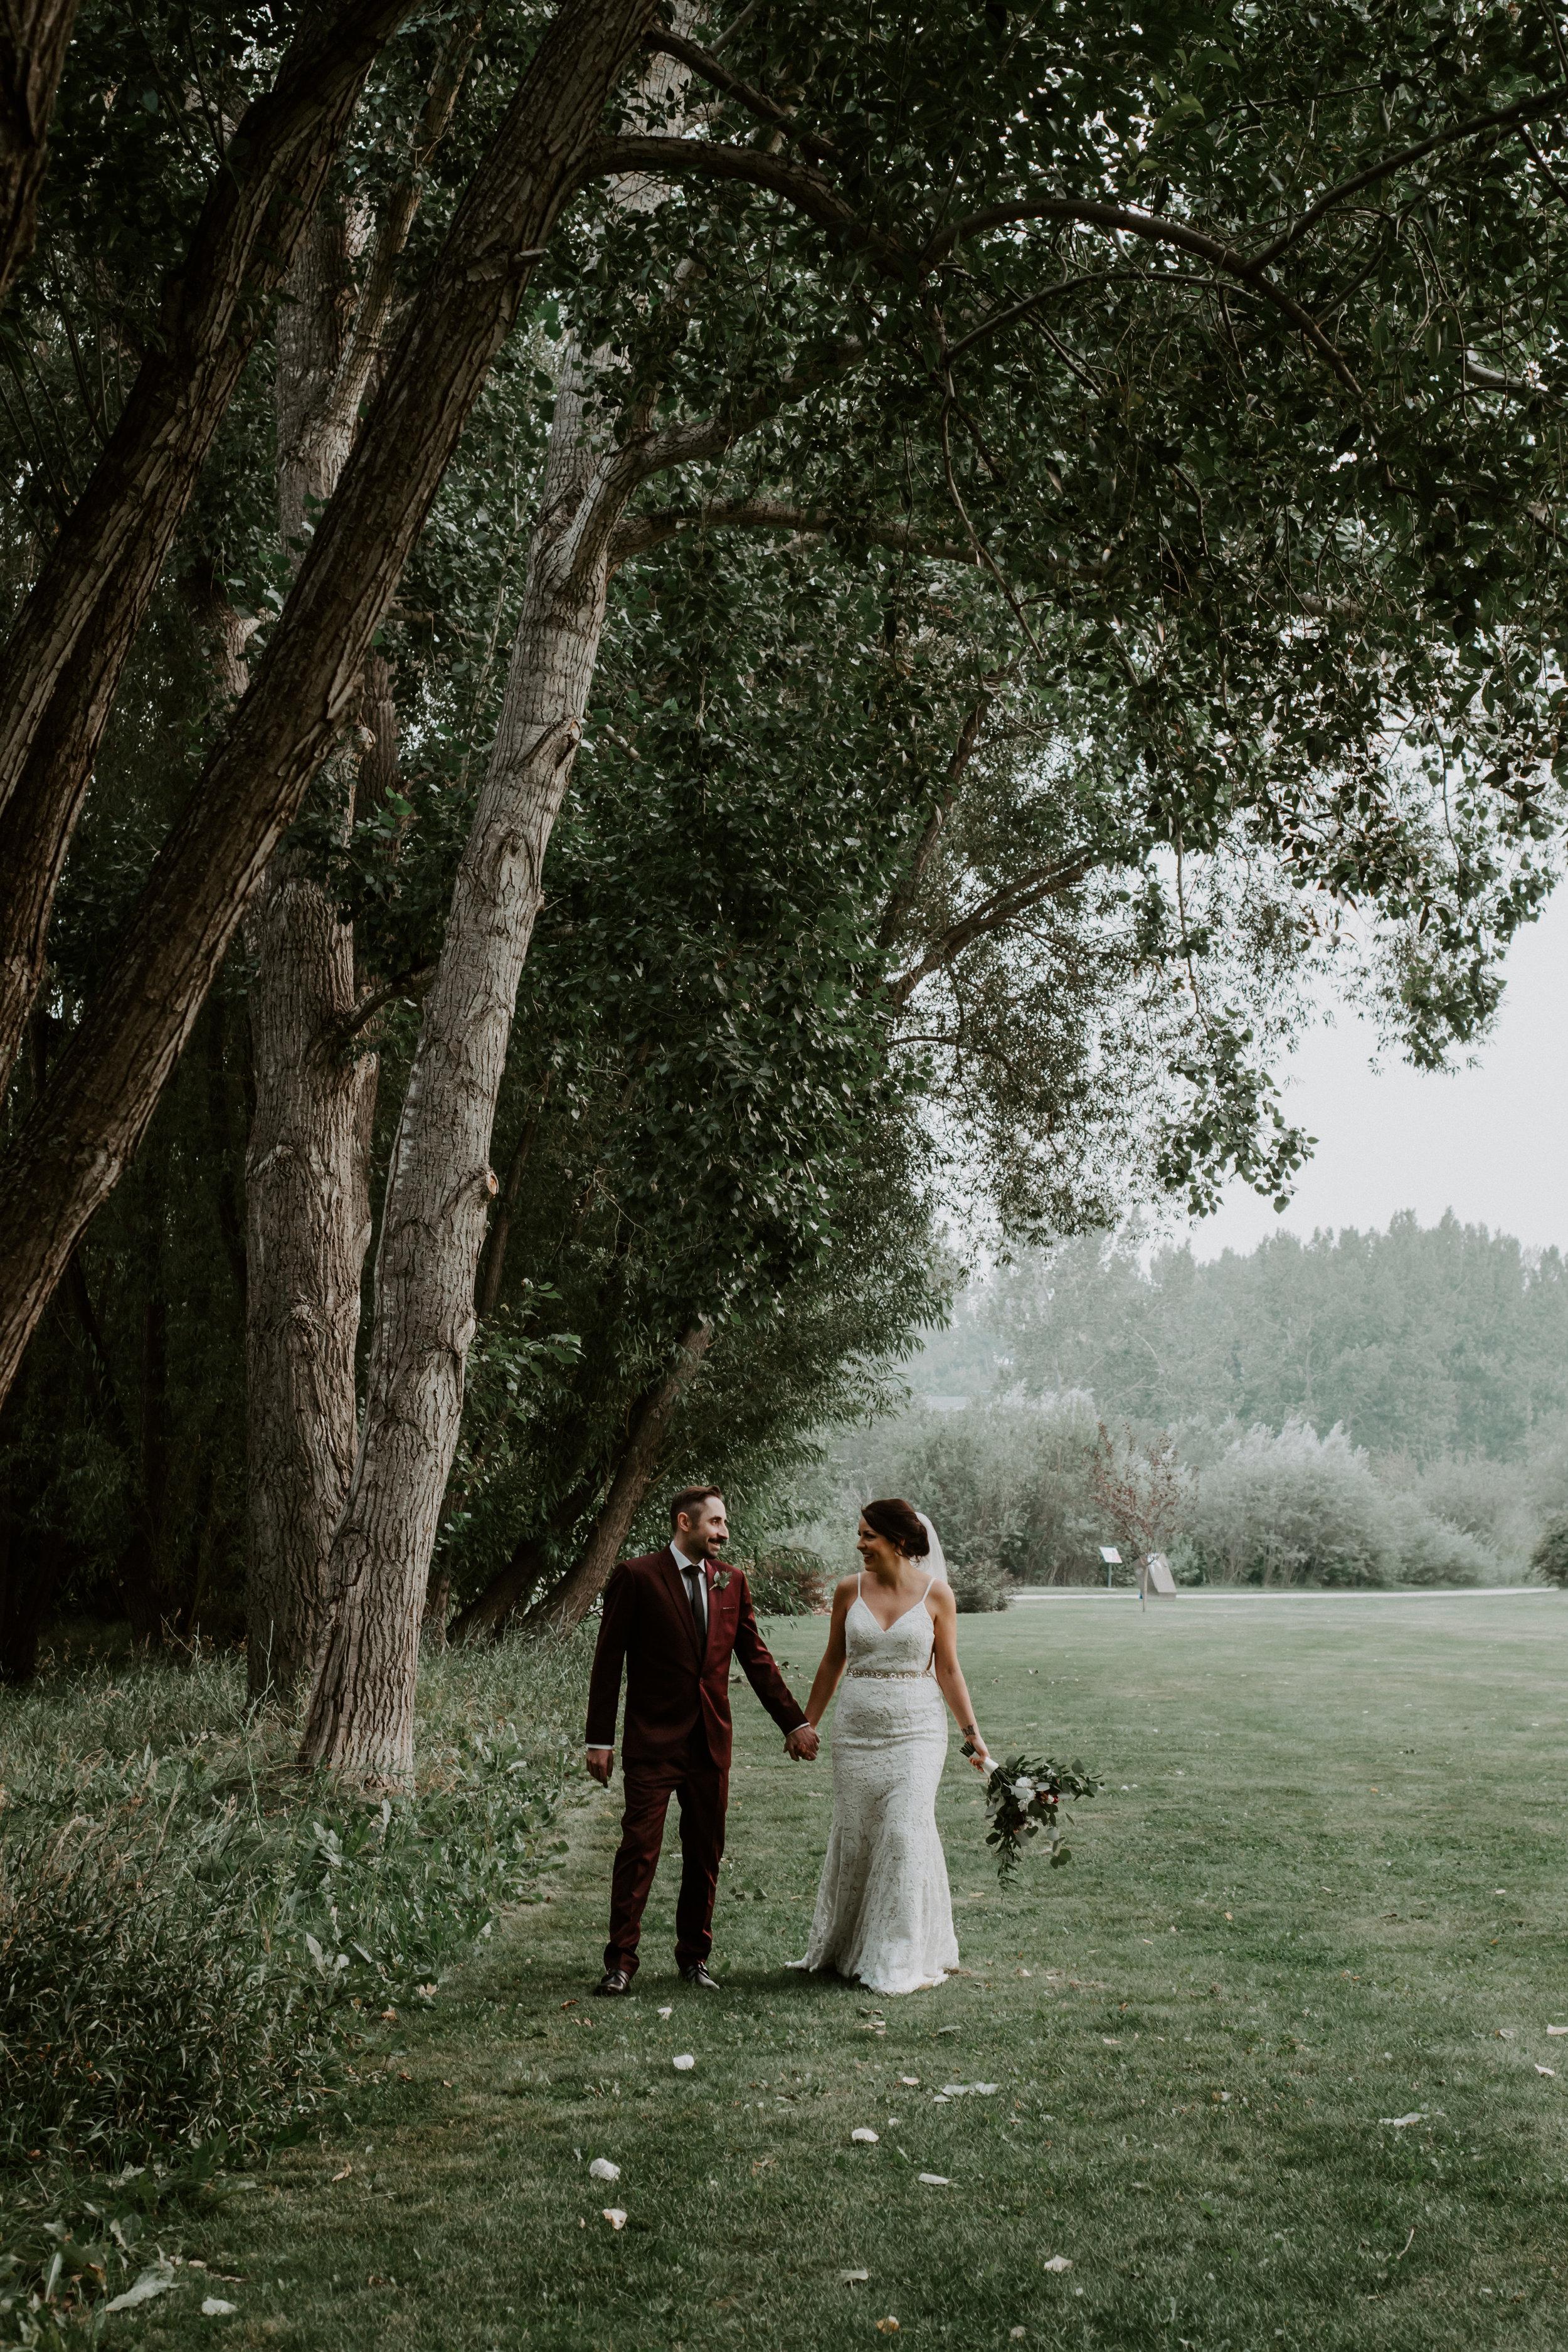 Calgary Wedding Photographer - 62 of 84.jpg